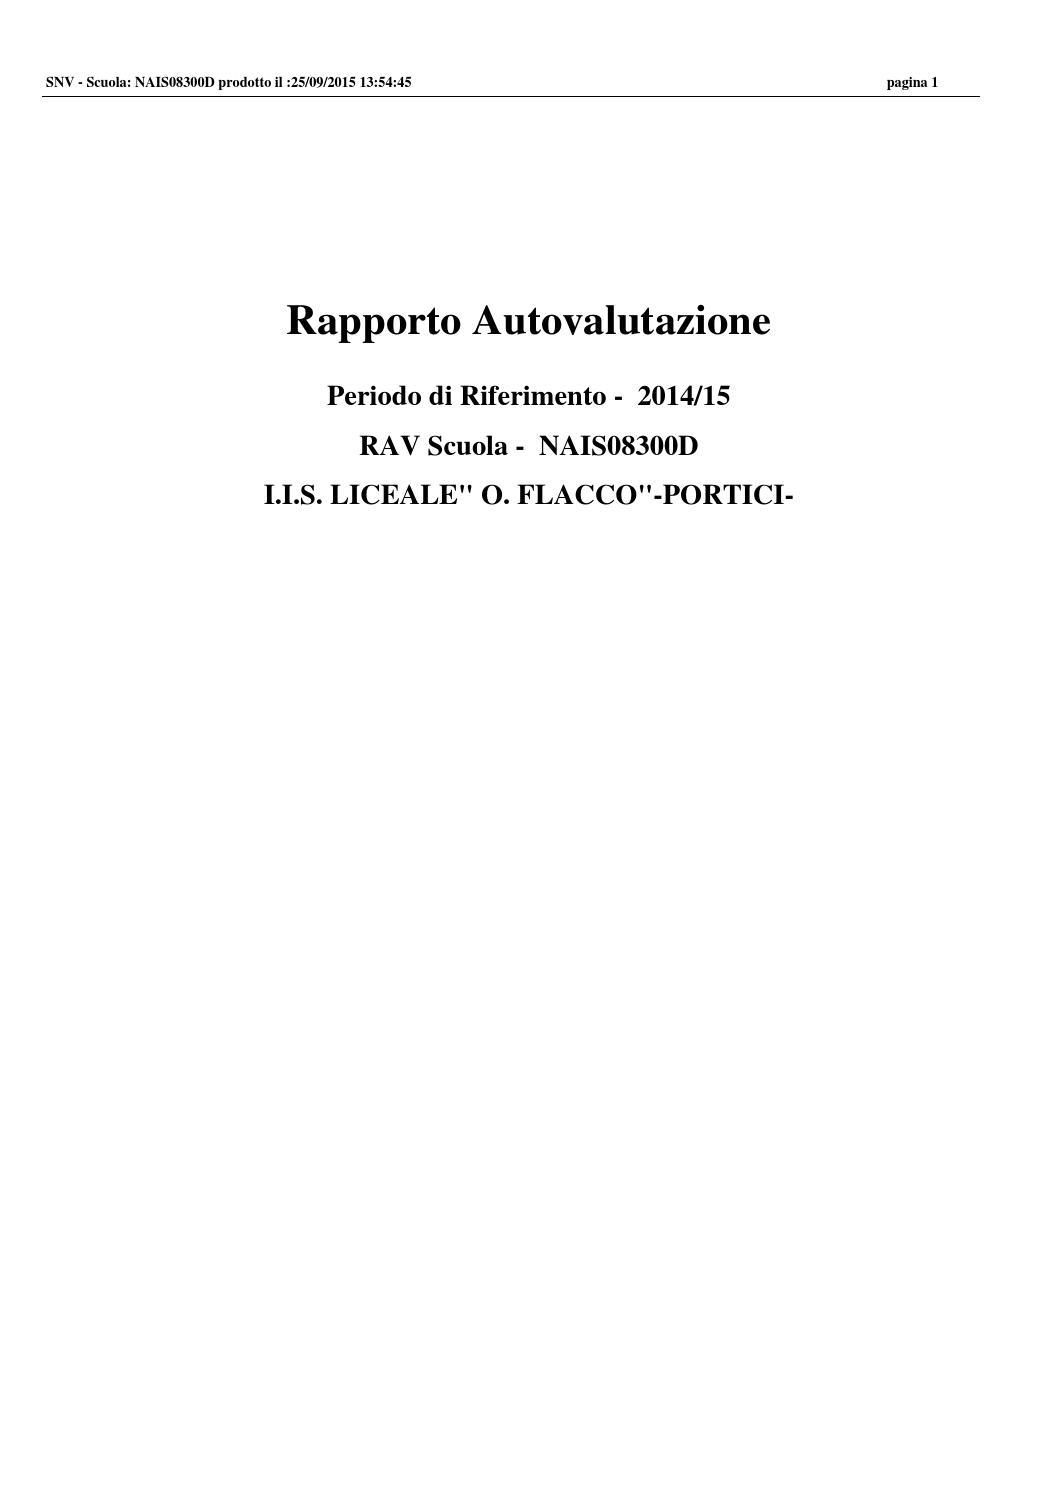 Rapporto Autovalutazione Scuola L CL ORAZIO FLACCO PORTICI By